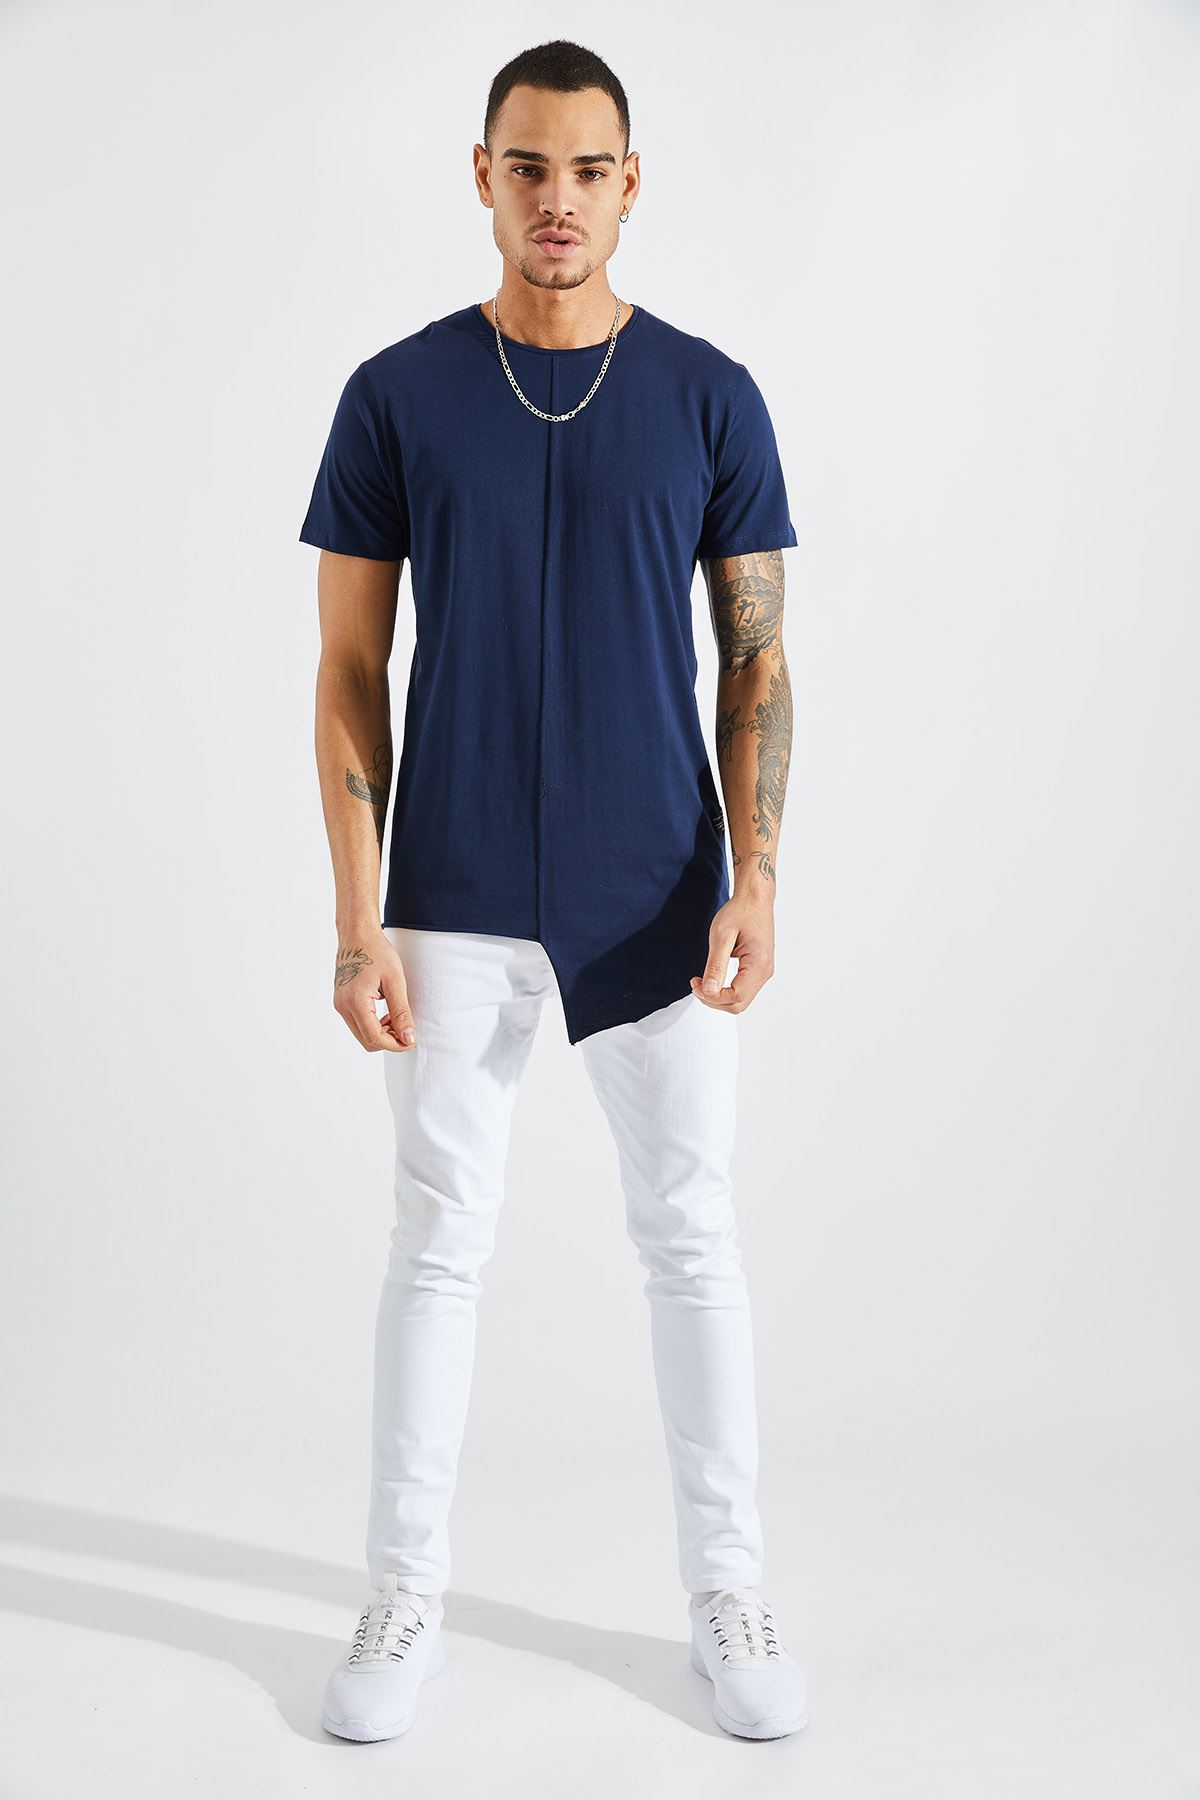 Erkek Önü Parçalı Asimetrik Lacivert T-Shirt